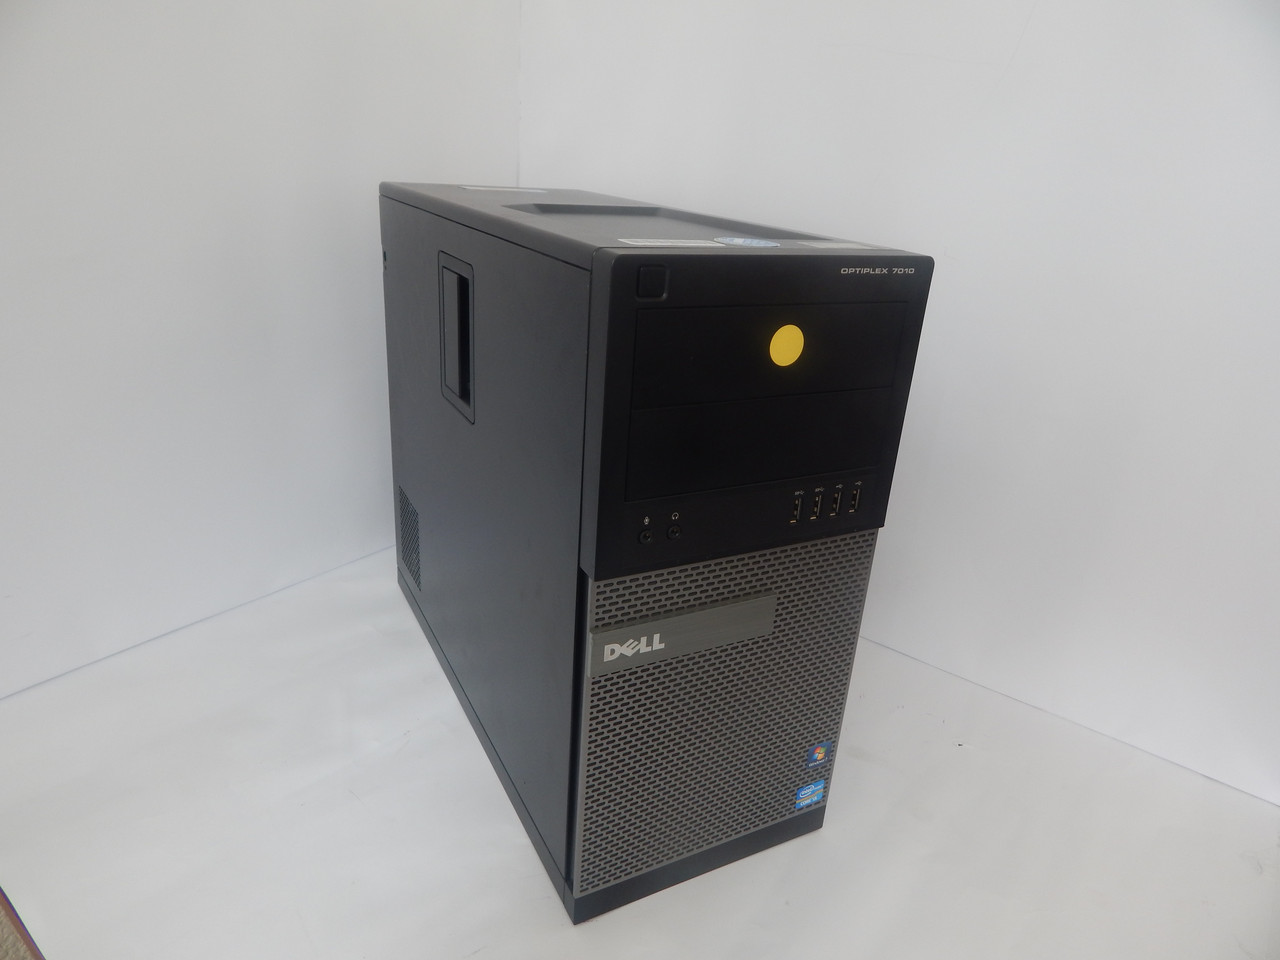 Системный блок Dell 7010 i5-3470 4RAM USB 3/0 компьютер из Европы